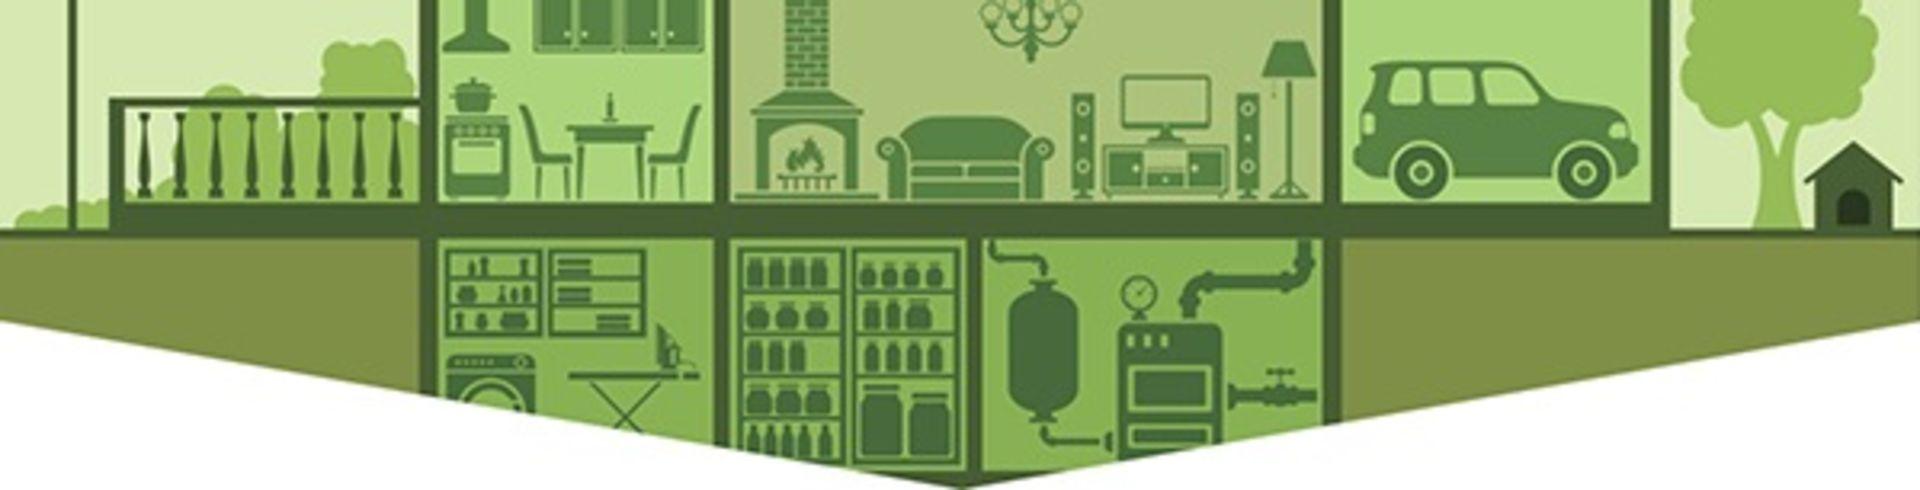 Four Ways To Help Your Appliances Last Longer